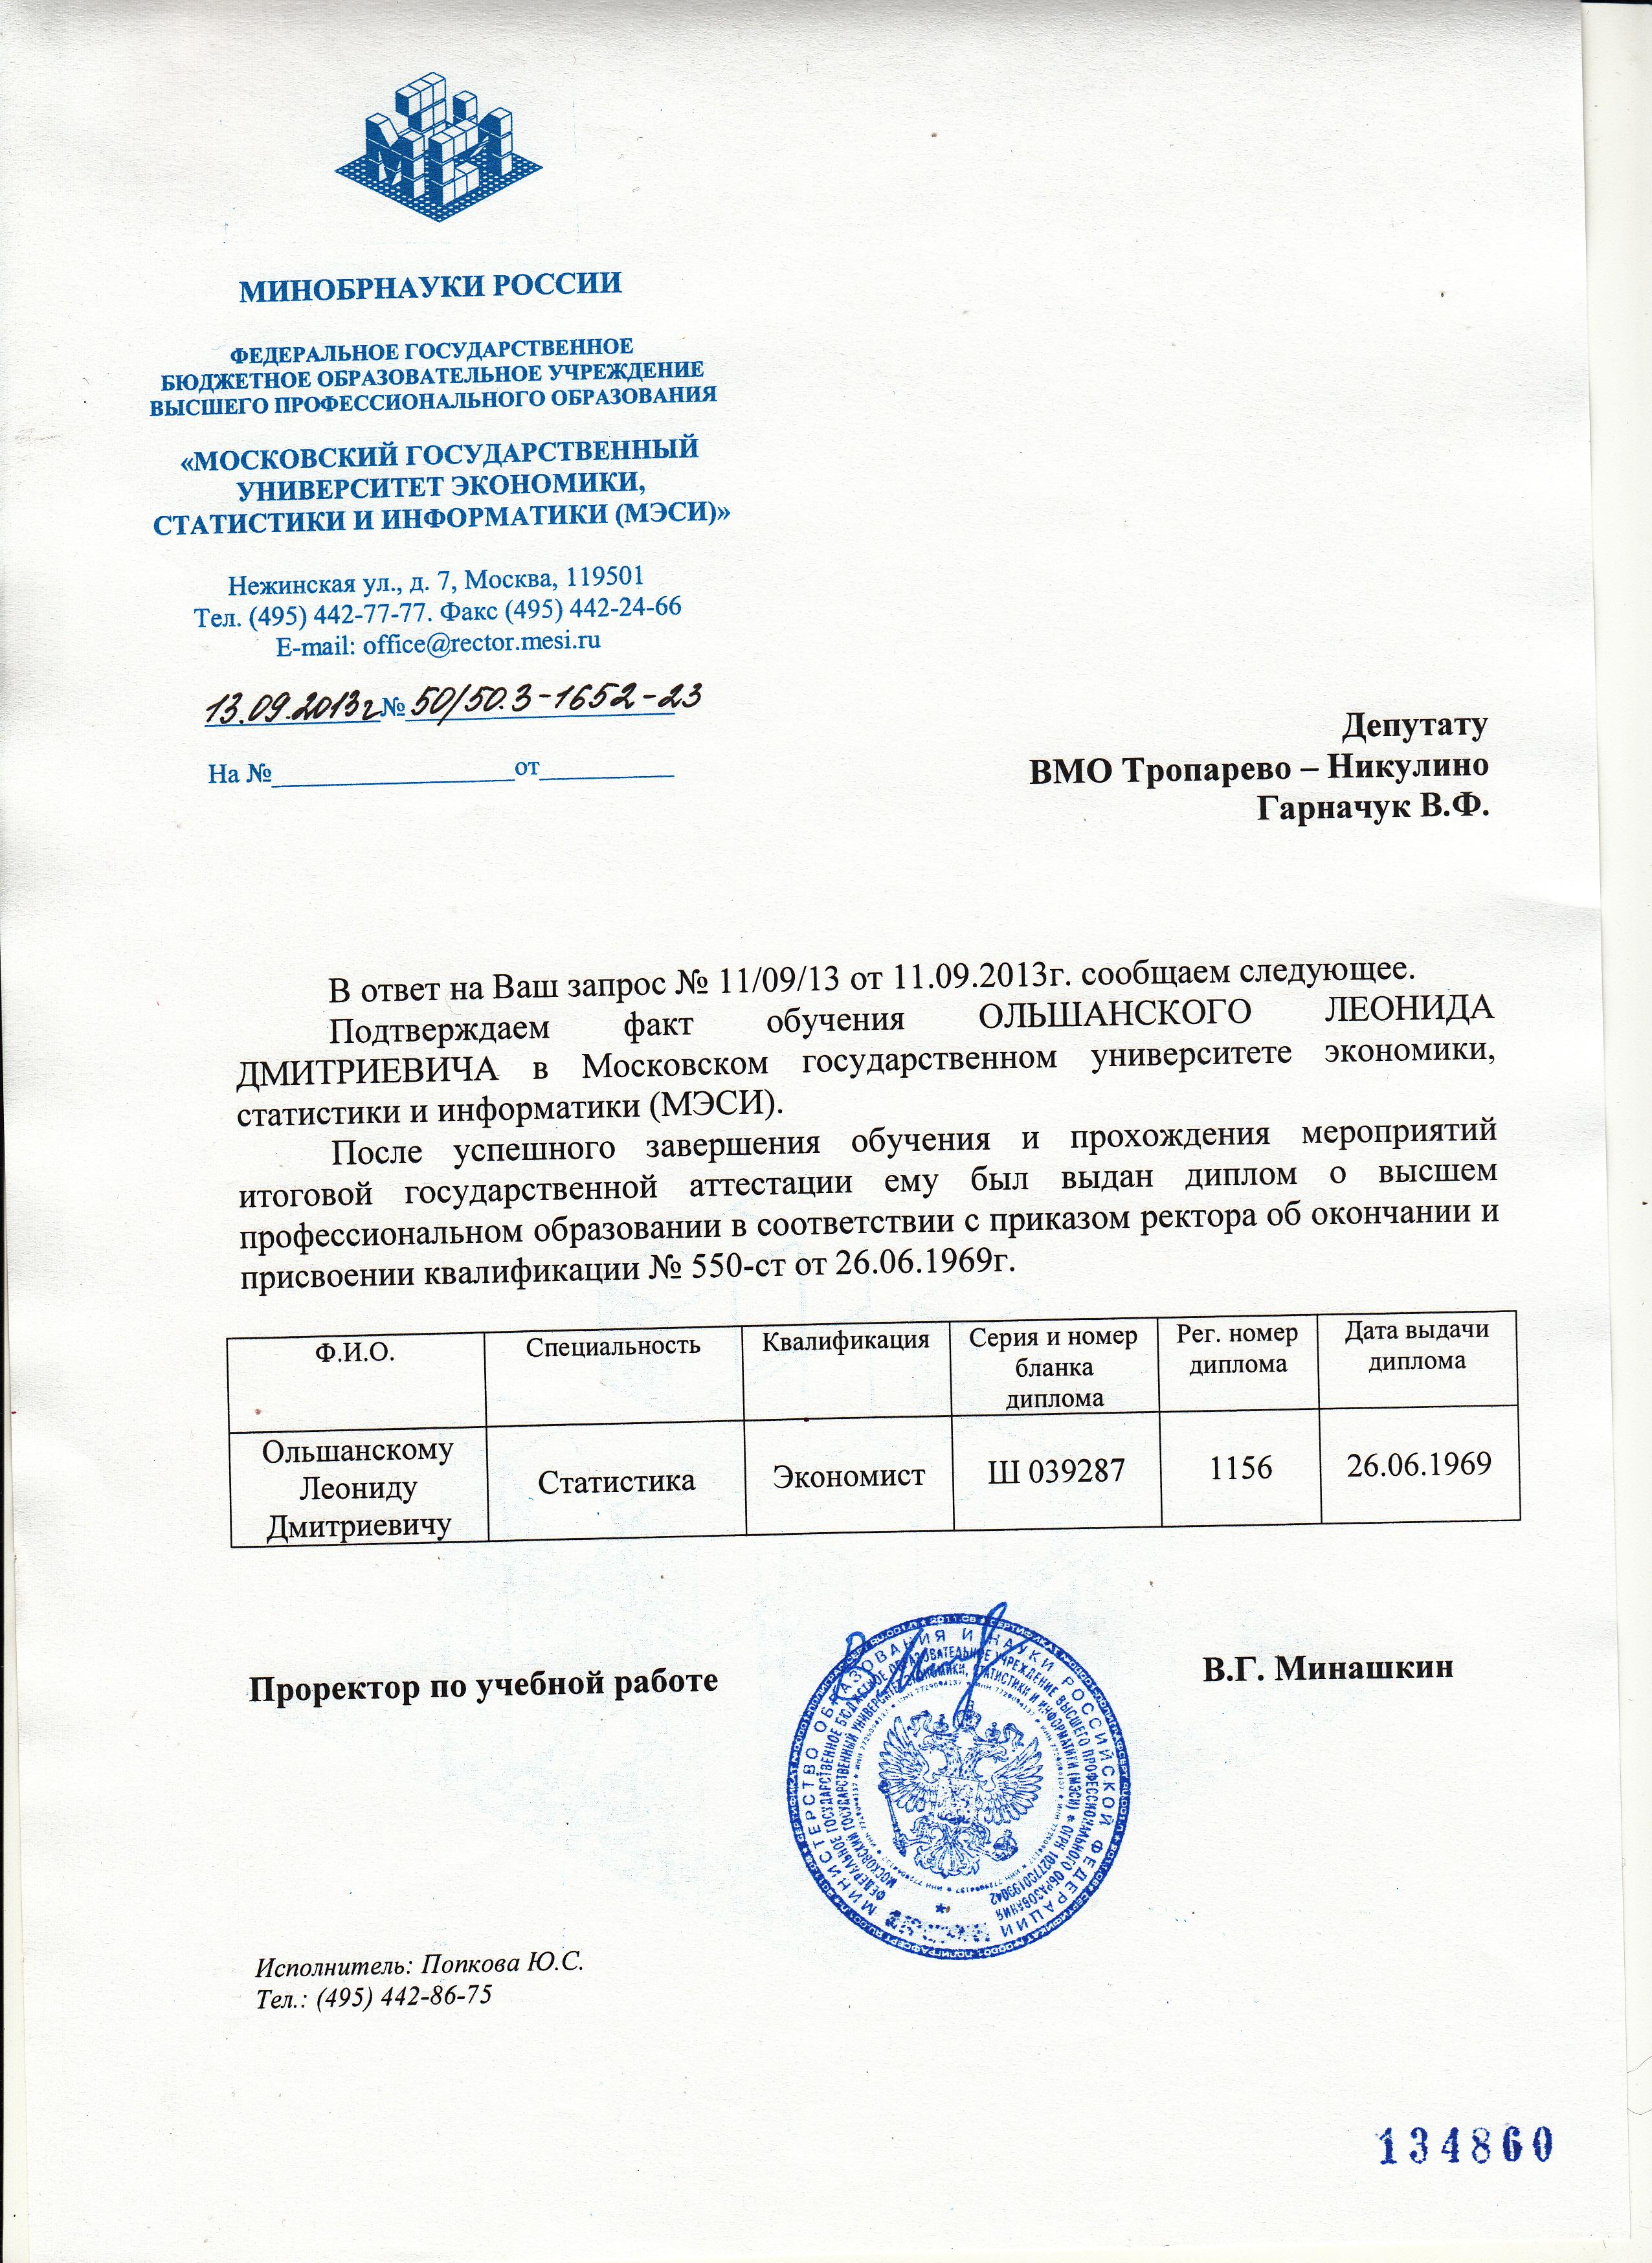 Ольшанский- диплом МЭСИ